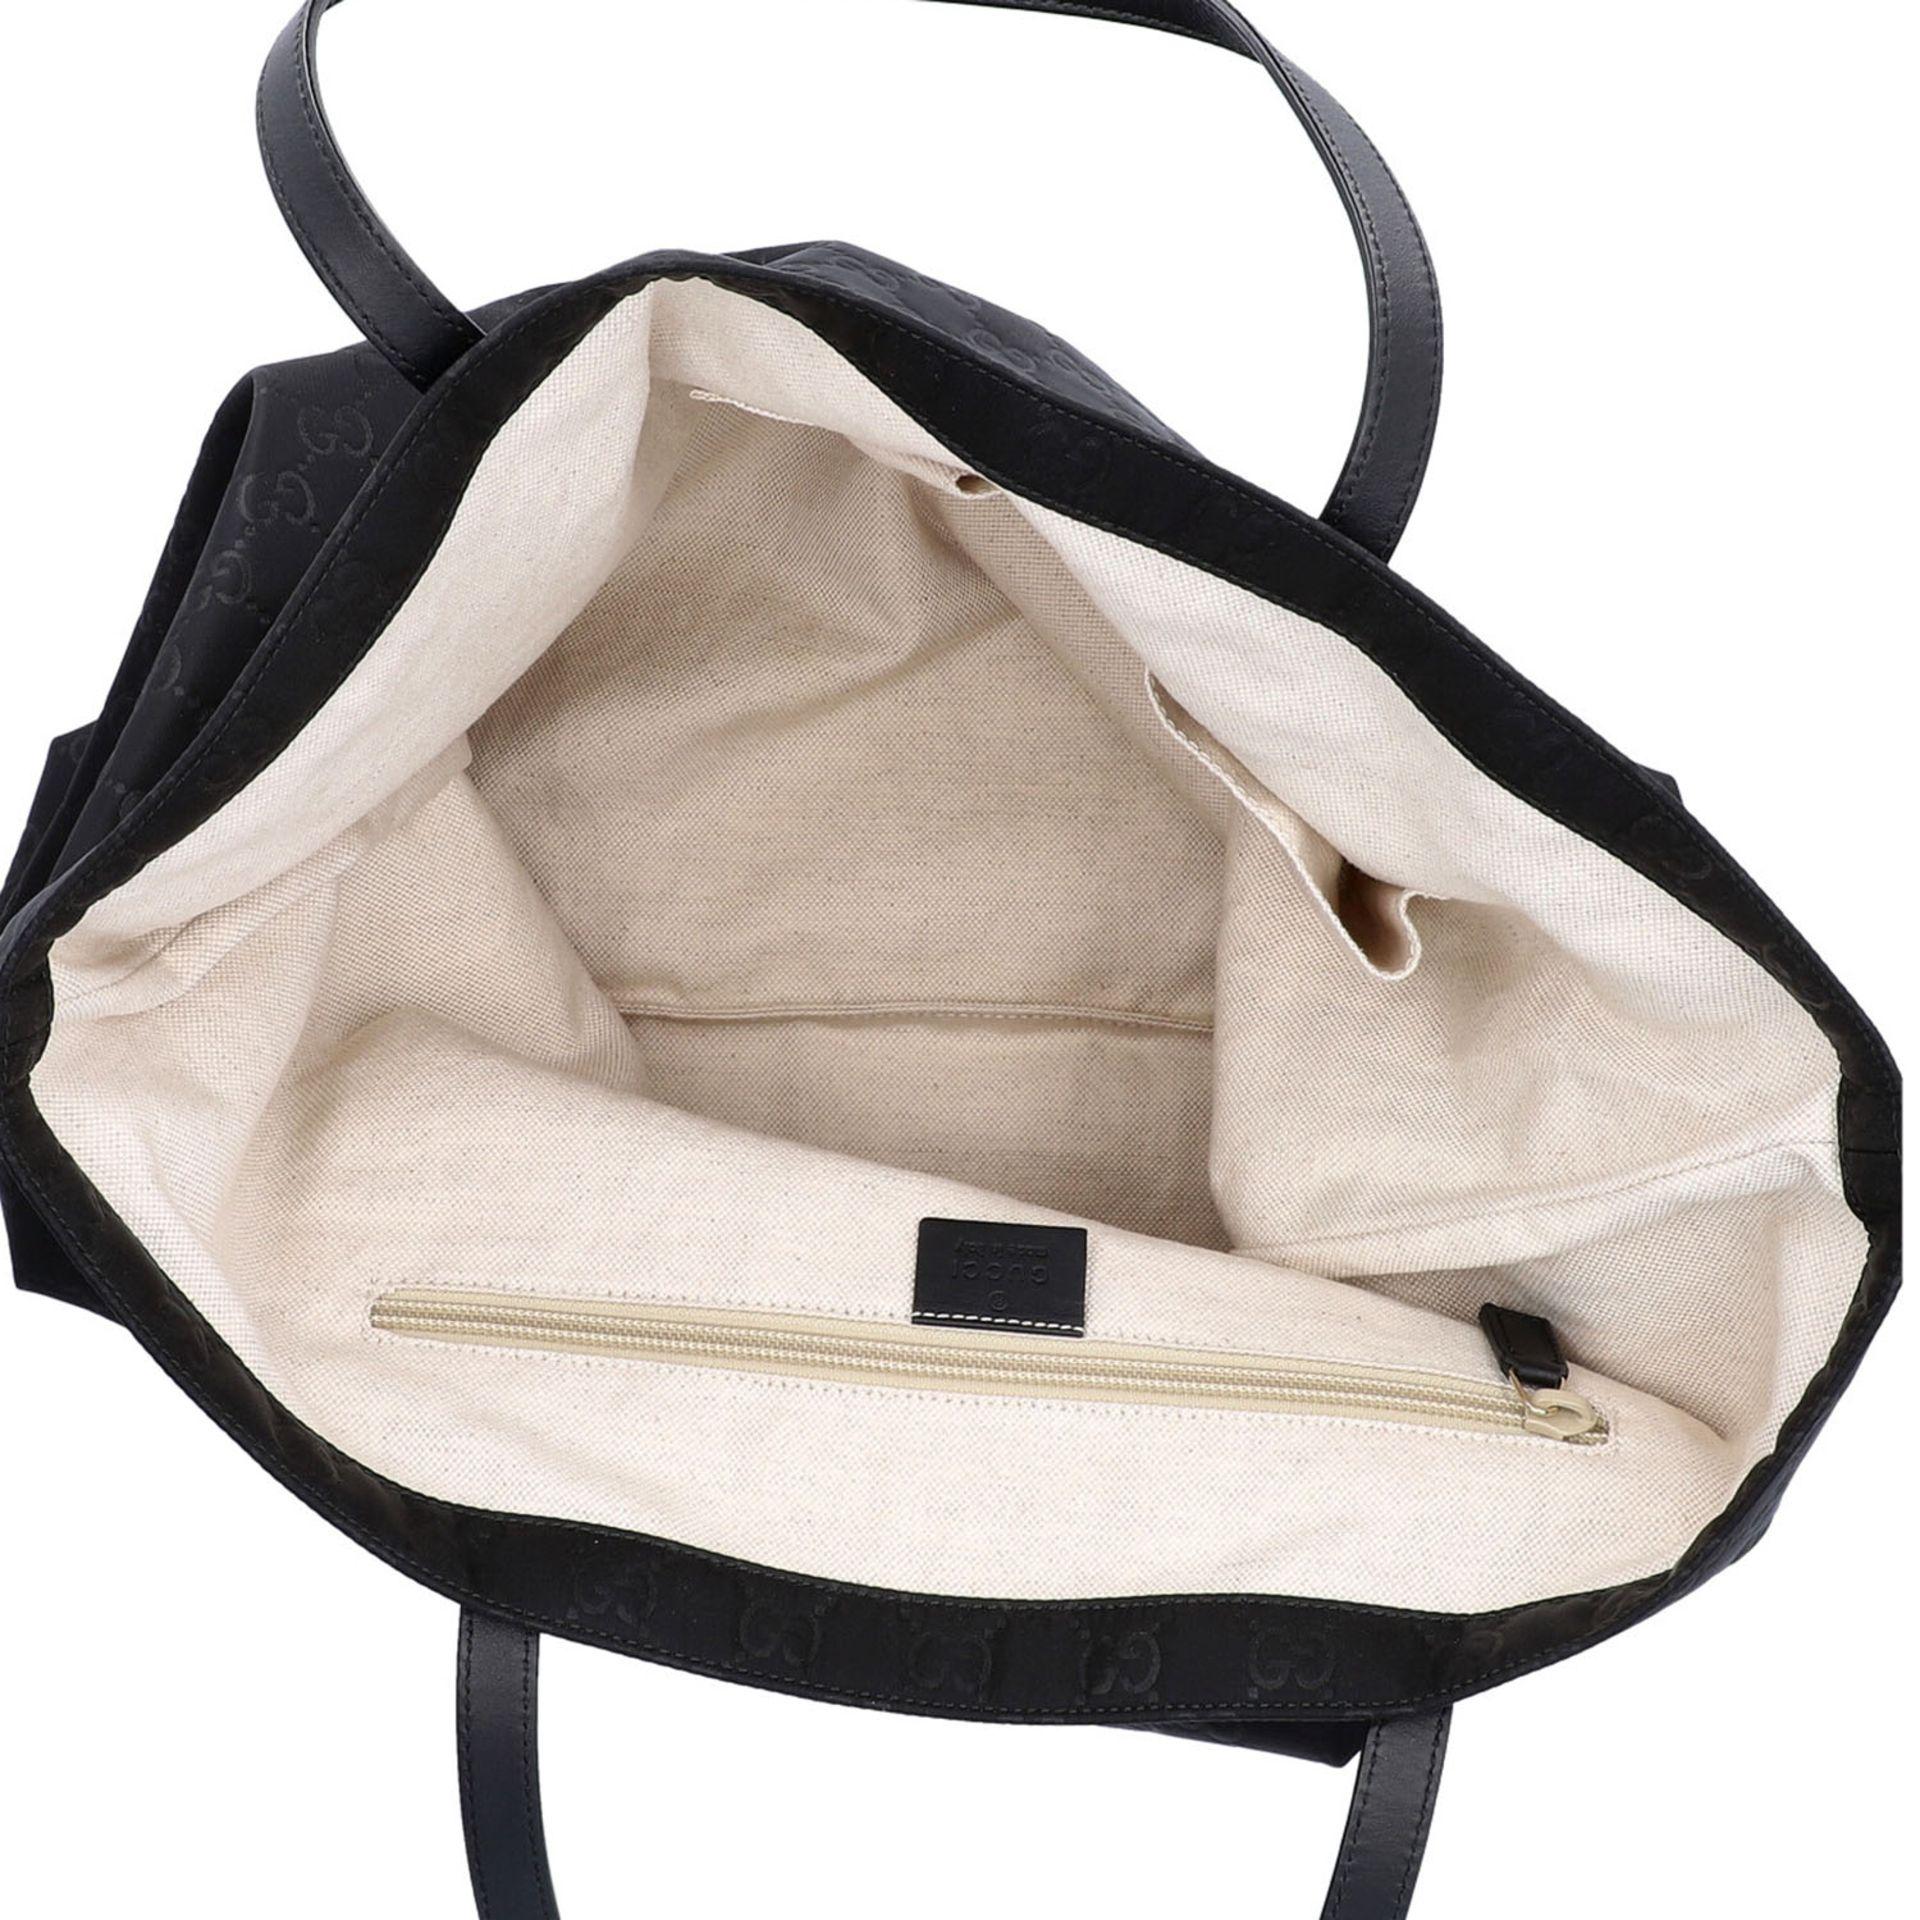 GUCCI Shoppertasche, NP. ca.: 1.000,-€. Textil in Schwarz mit GG-Supreme Muster und - Image 6 of 8